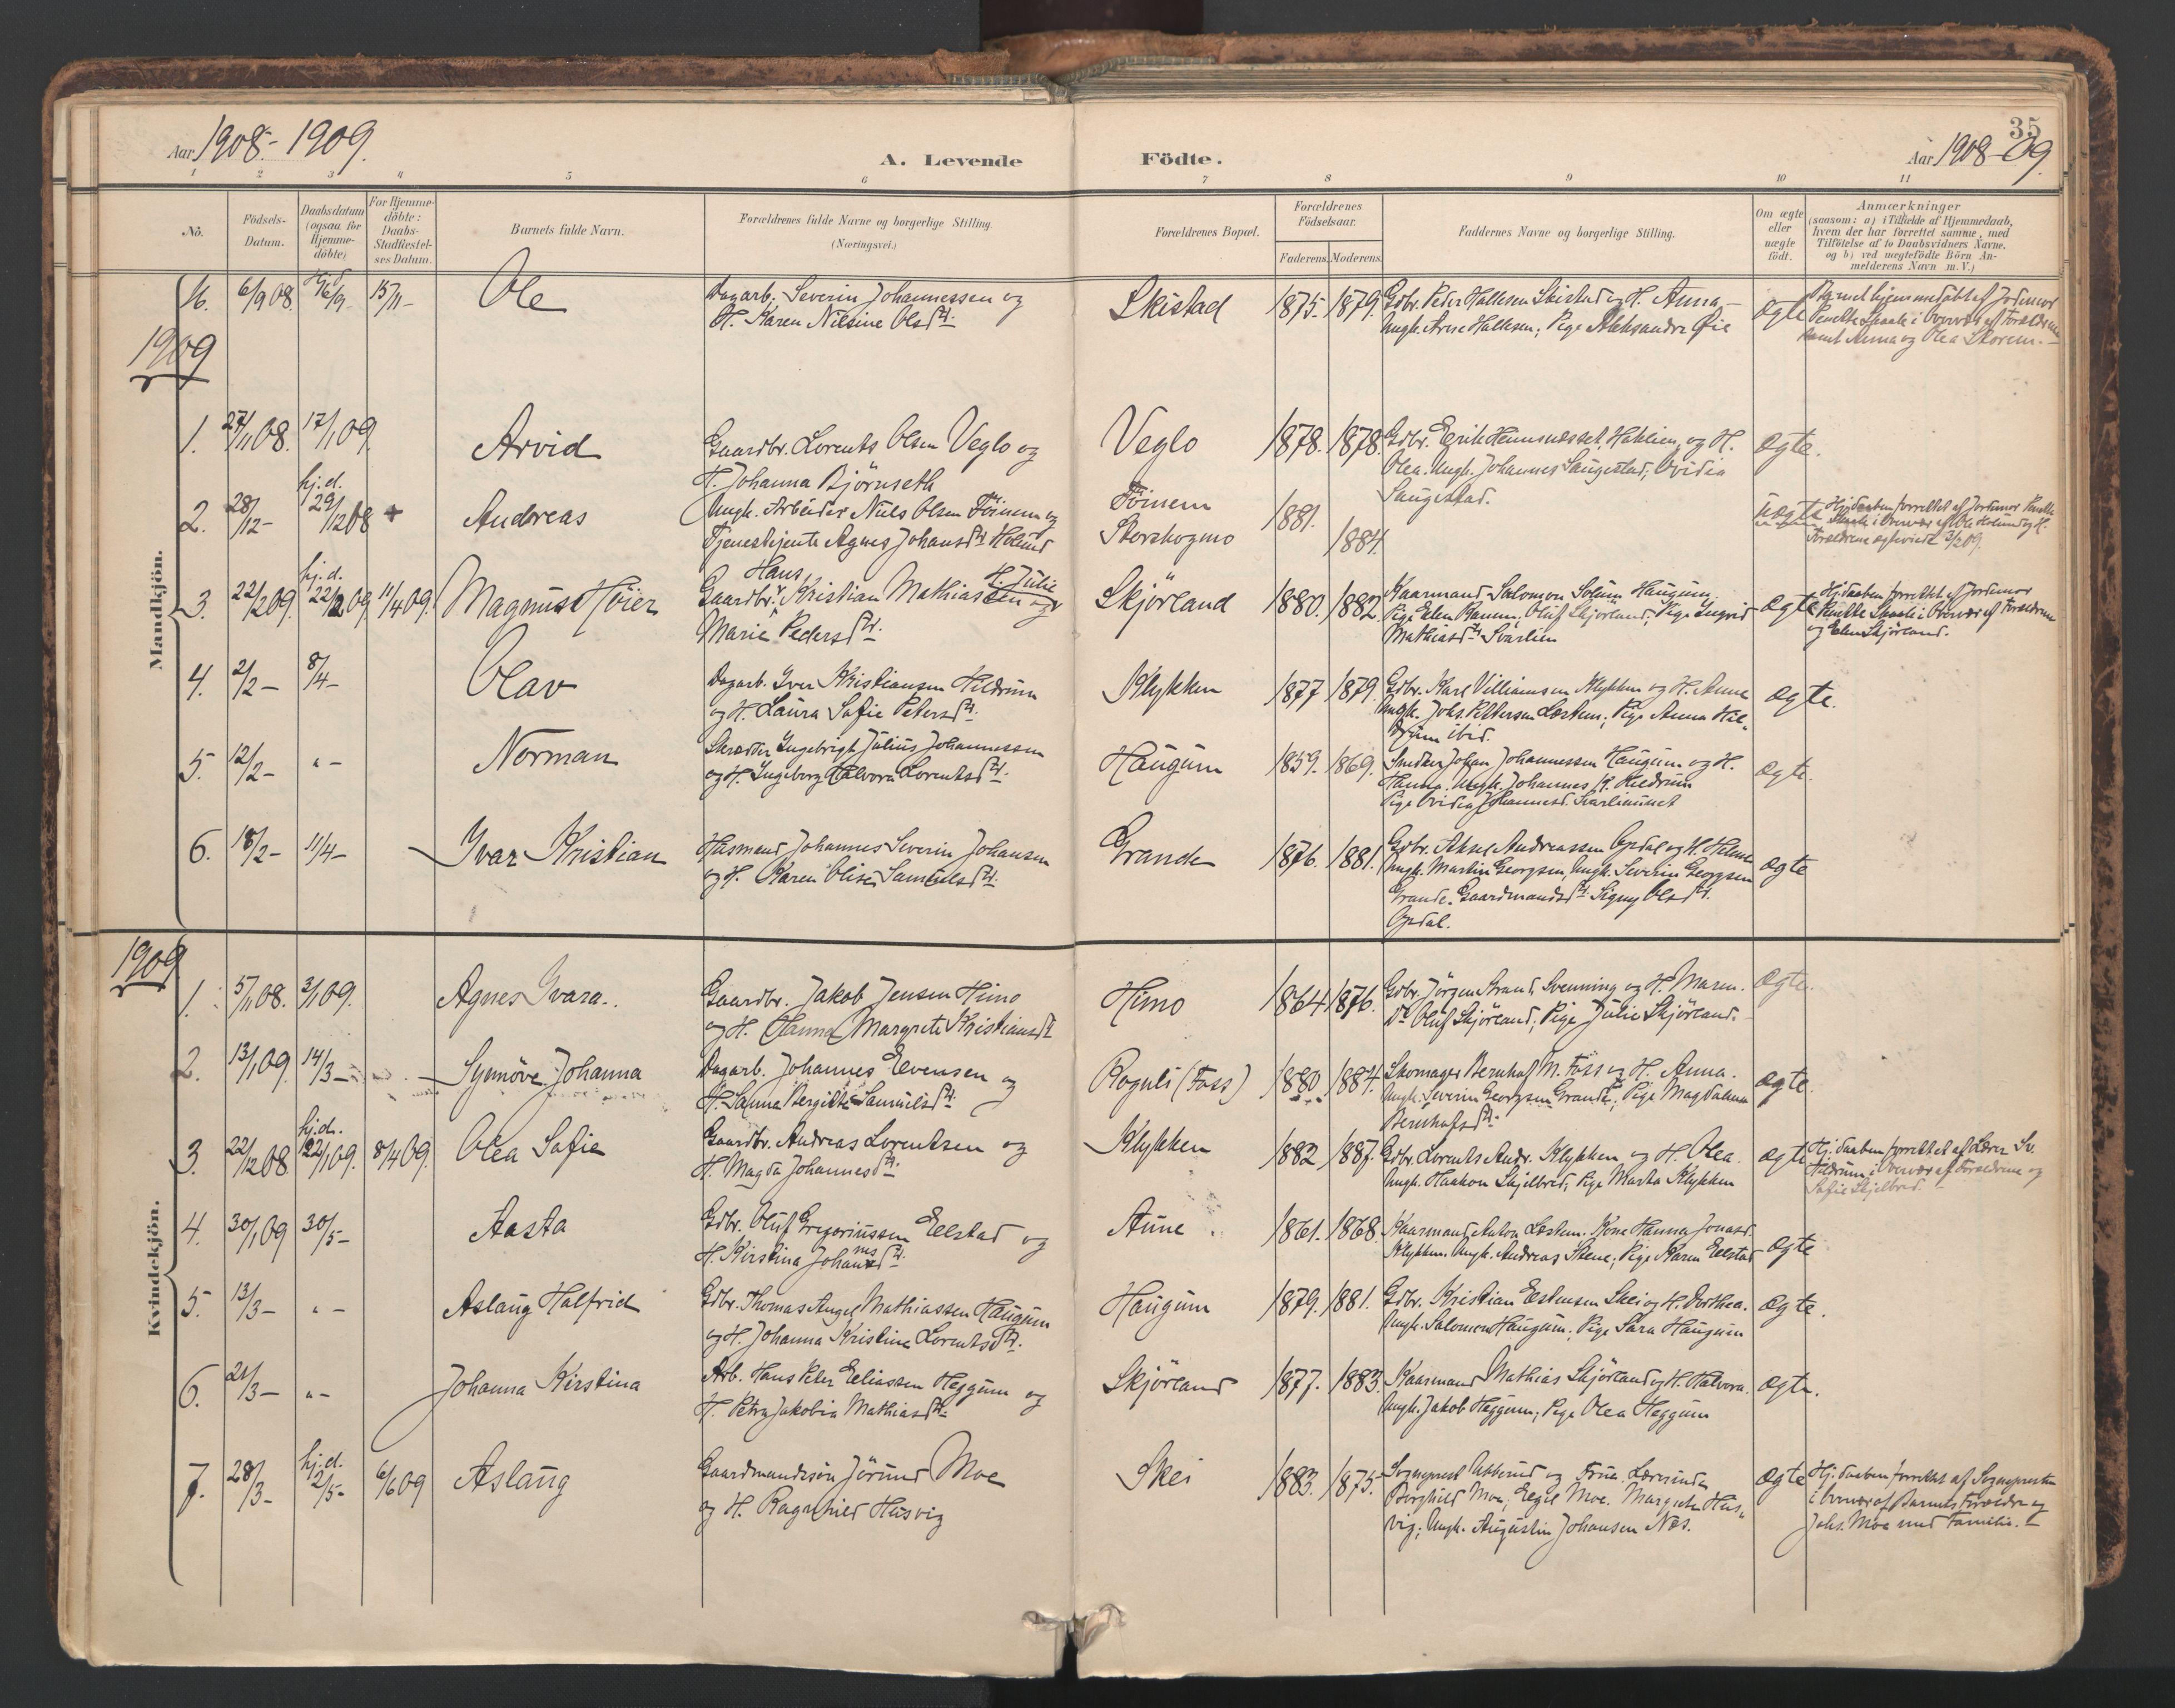 SAT, Ministerialprotokoller, klokkerbøker og fødselsregistre - Nord-Trøndelag, 764/L0556: Ministerialbok nr. 764A11, 1897-1924, s. 35